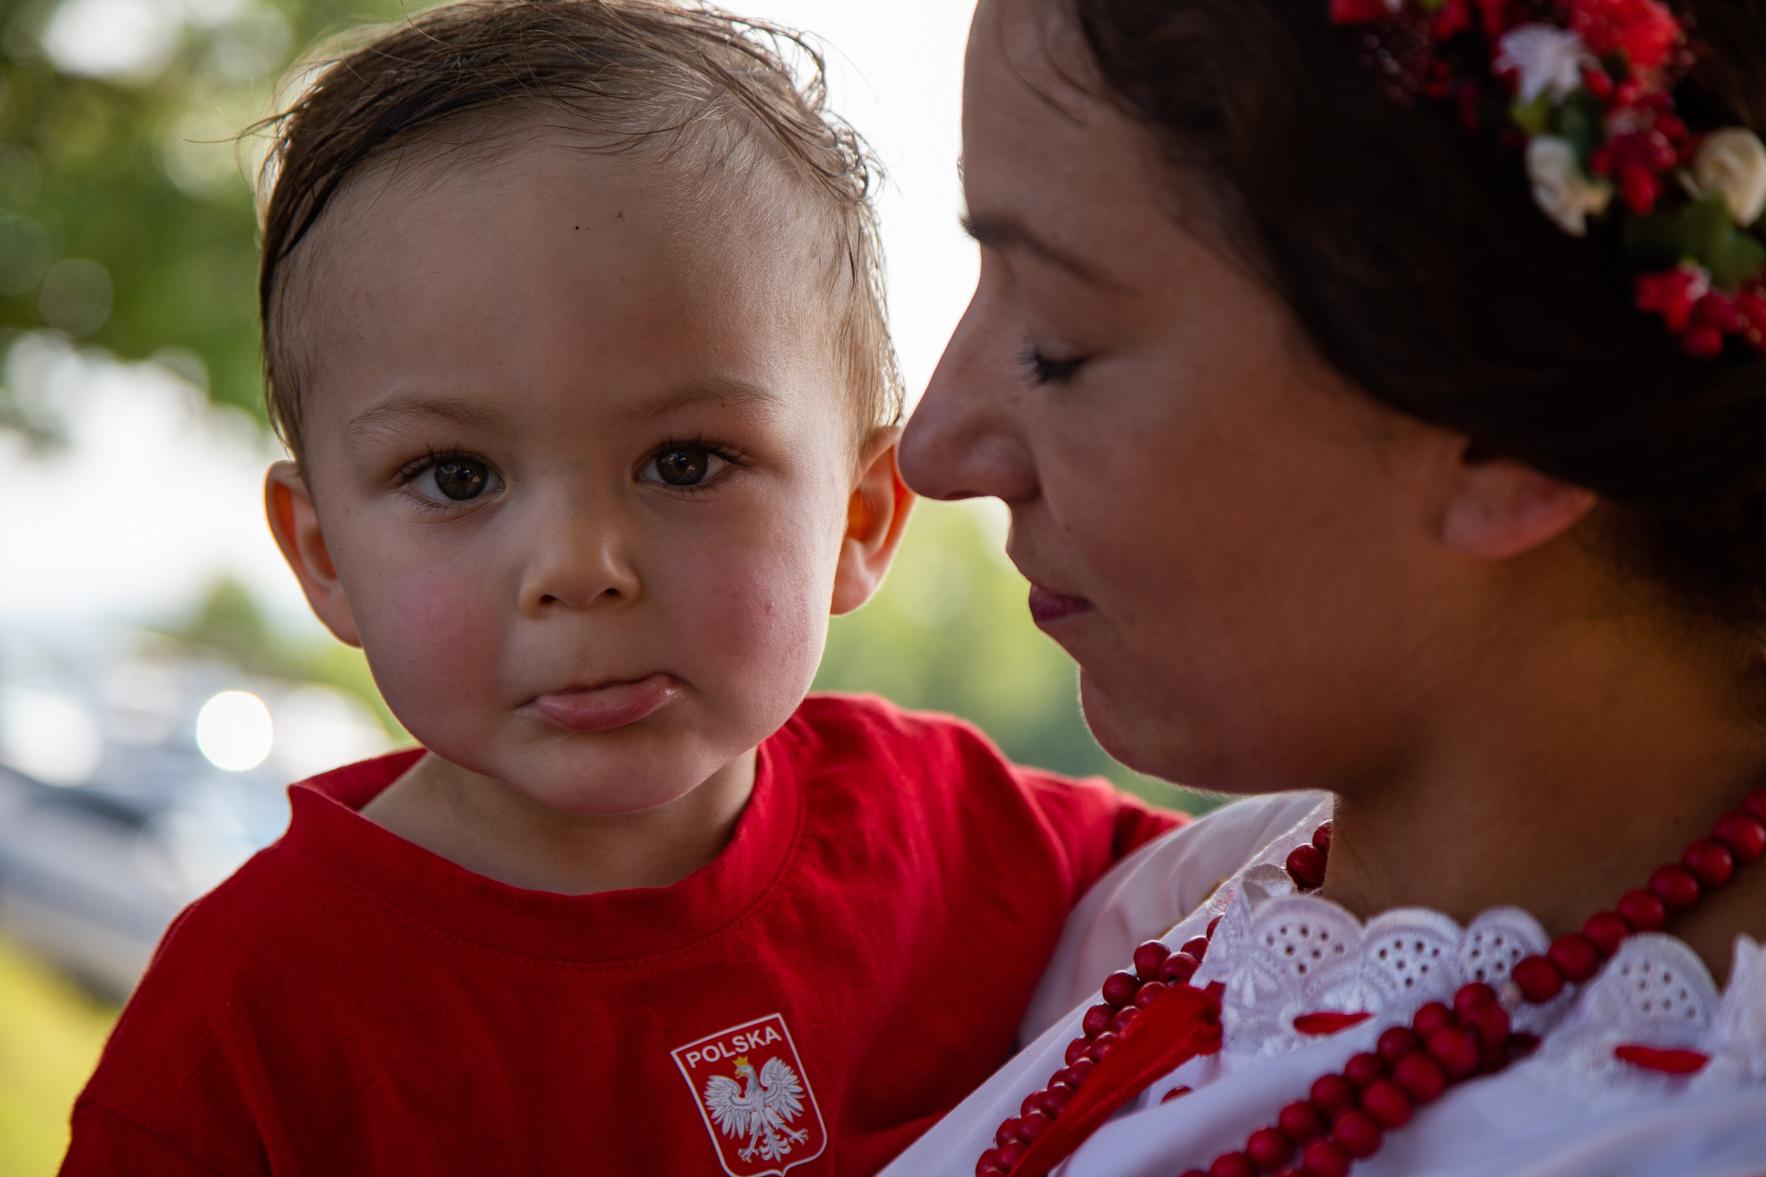 Taka koszulka to upragniony prezent z Polski. Marija z synem.